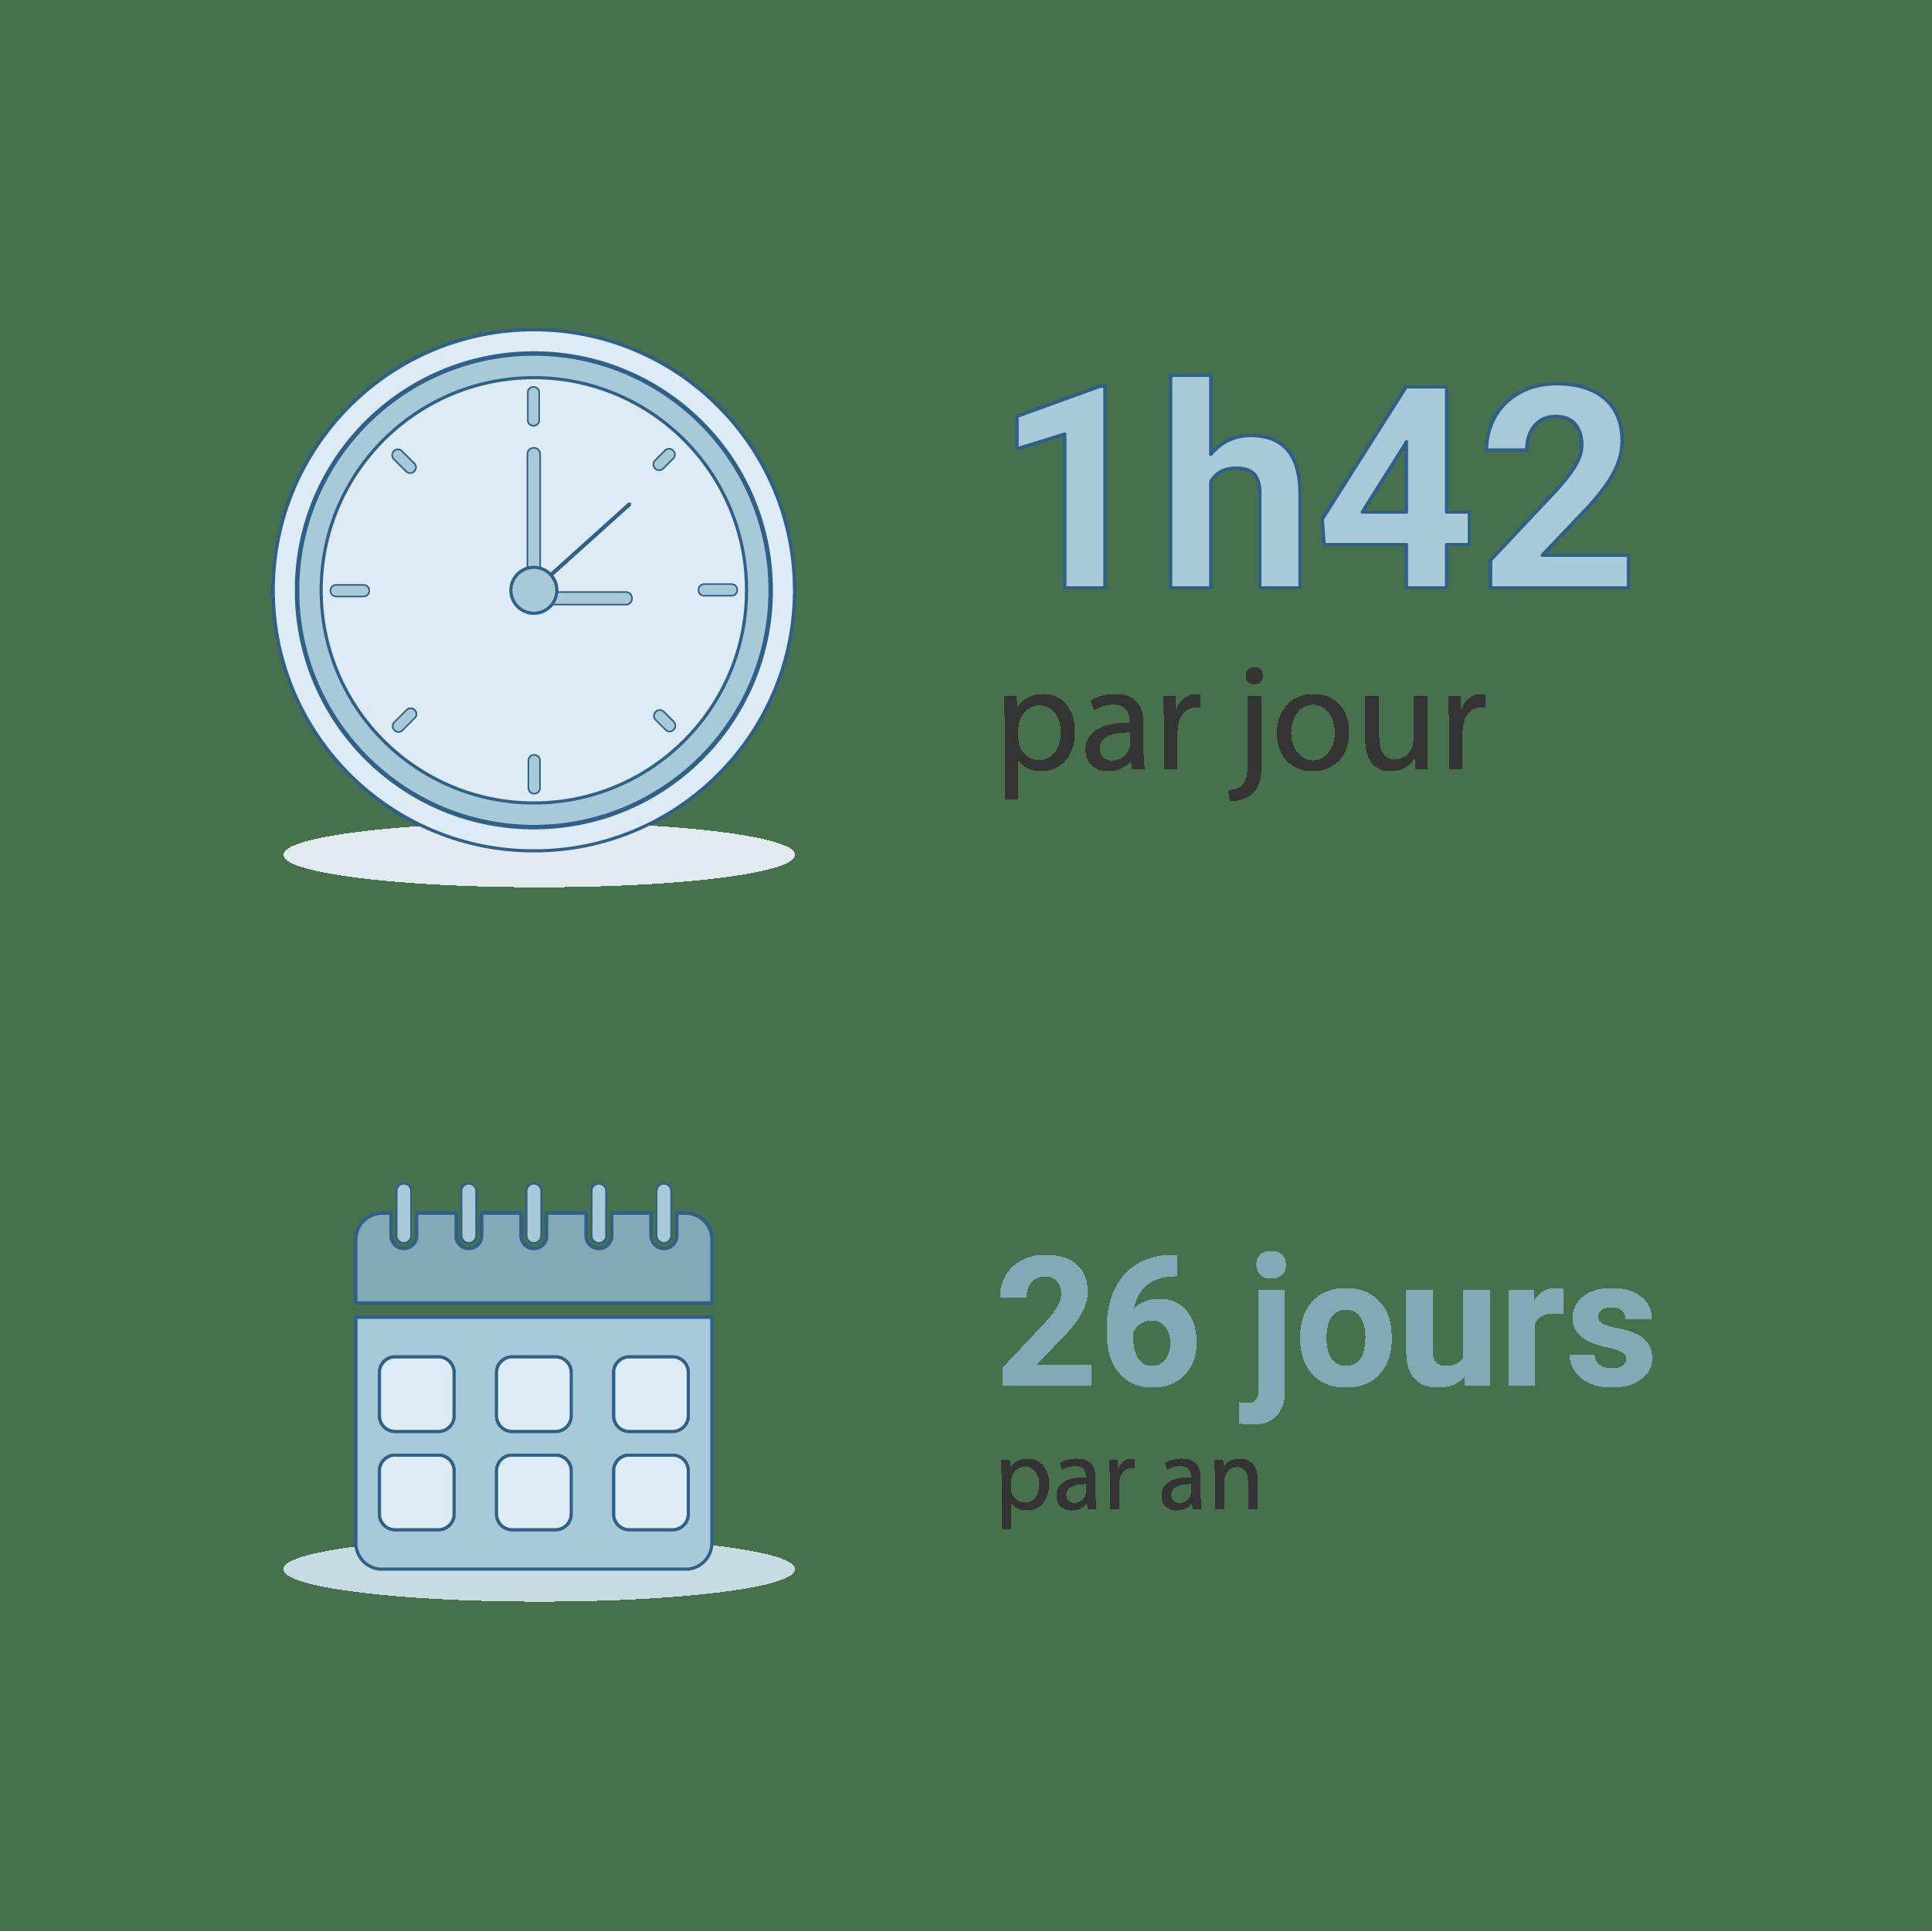 Temps passé sur un smartphone en France